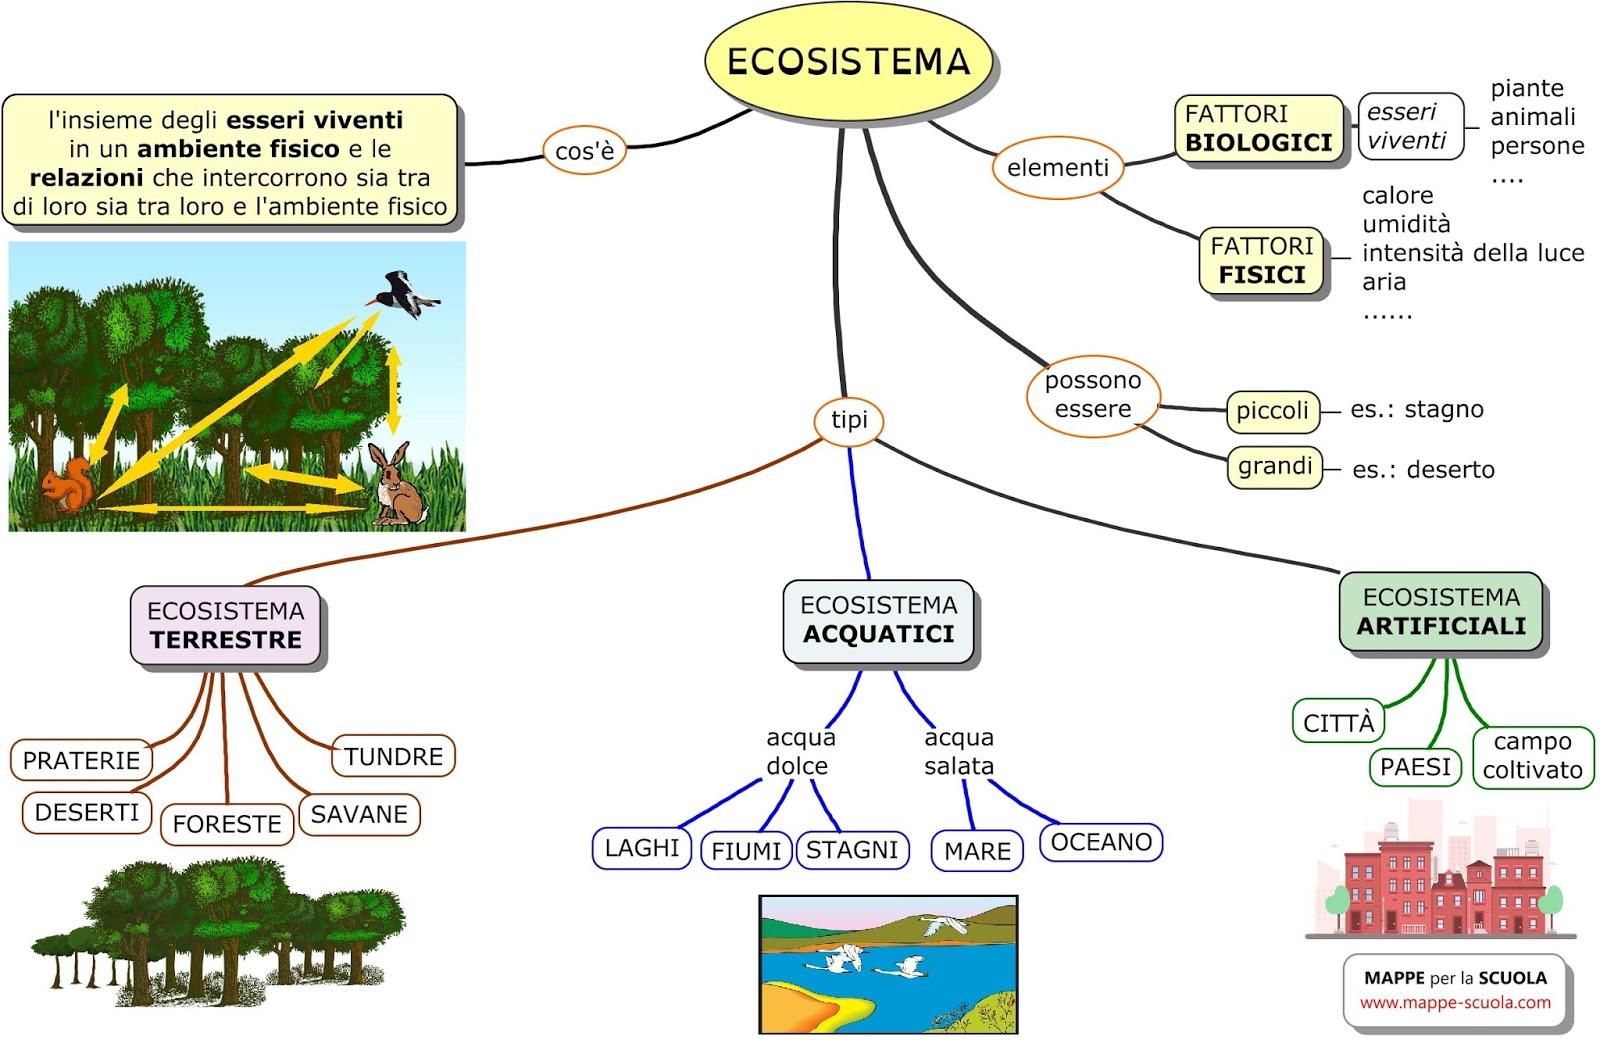 mappe per la scuola l 39 ecosistema la comunita 39 biologica